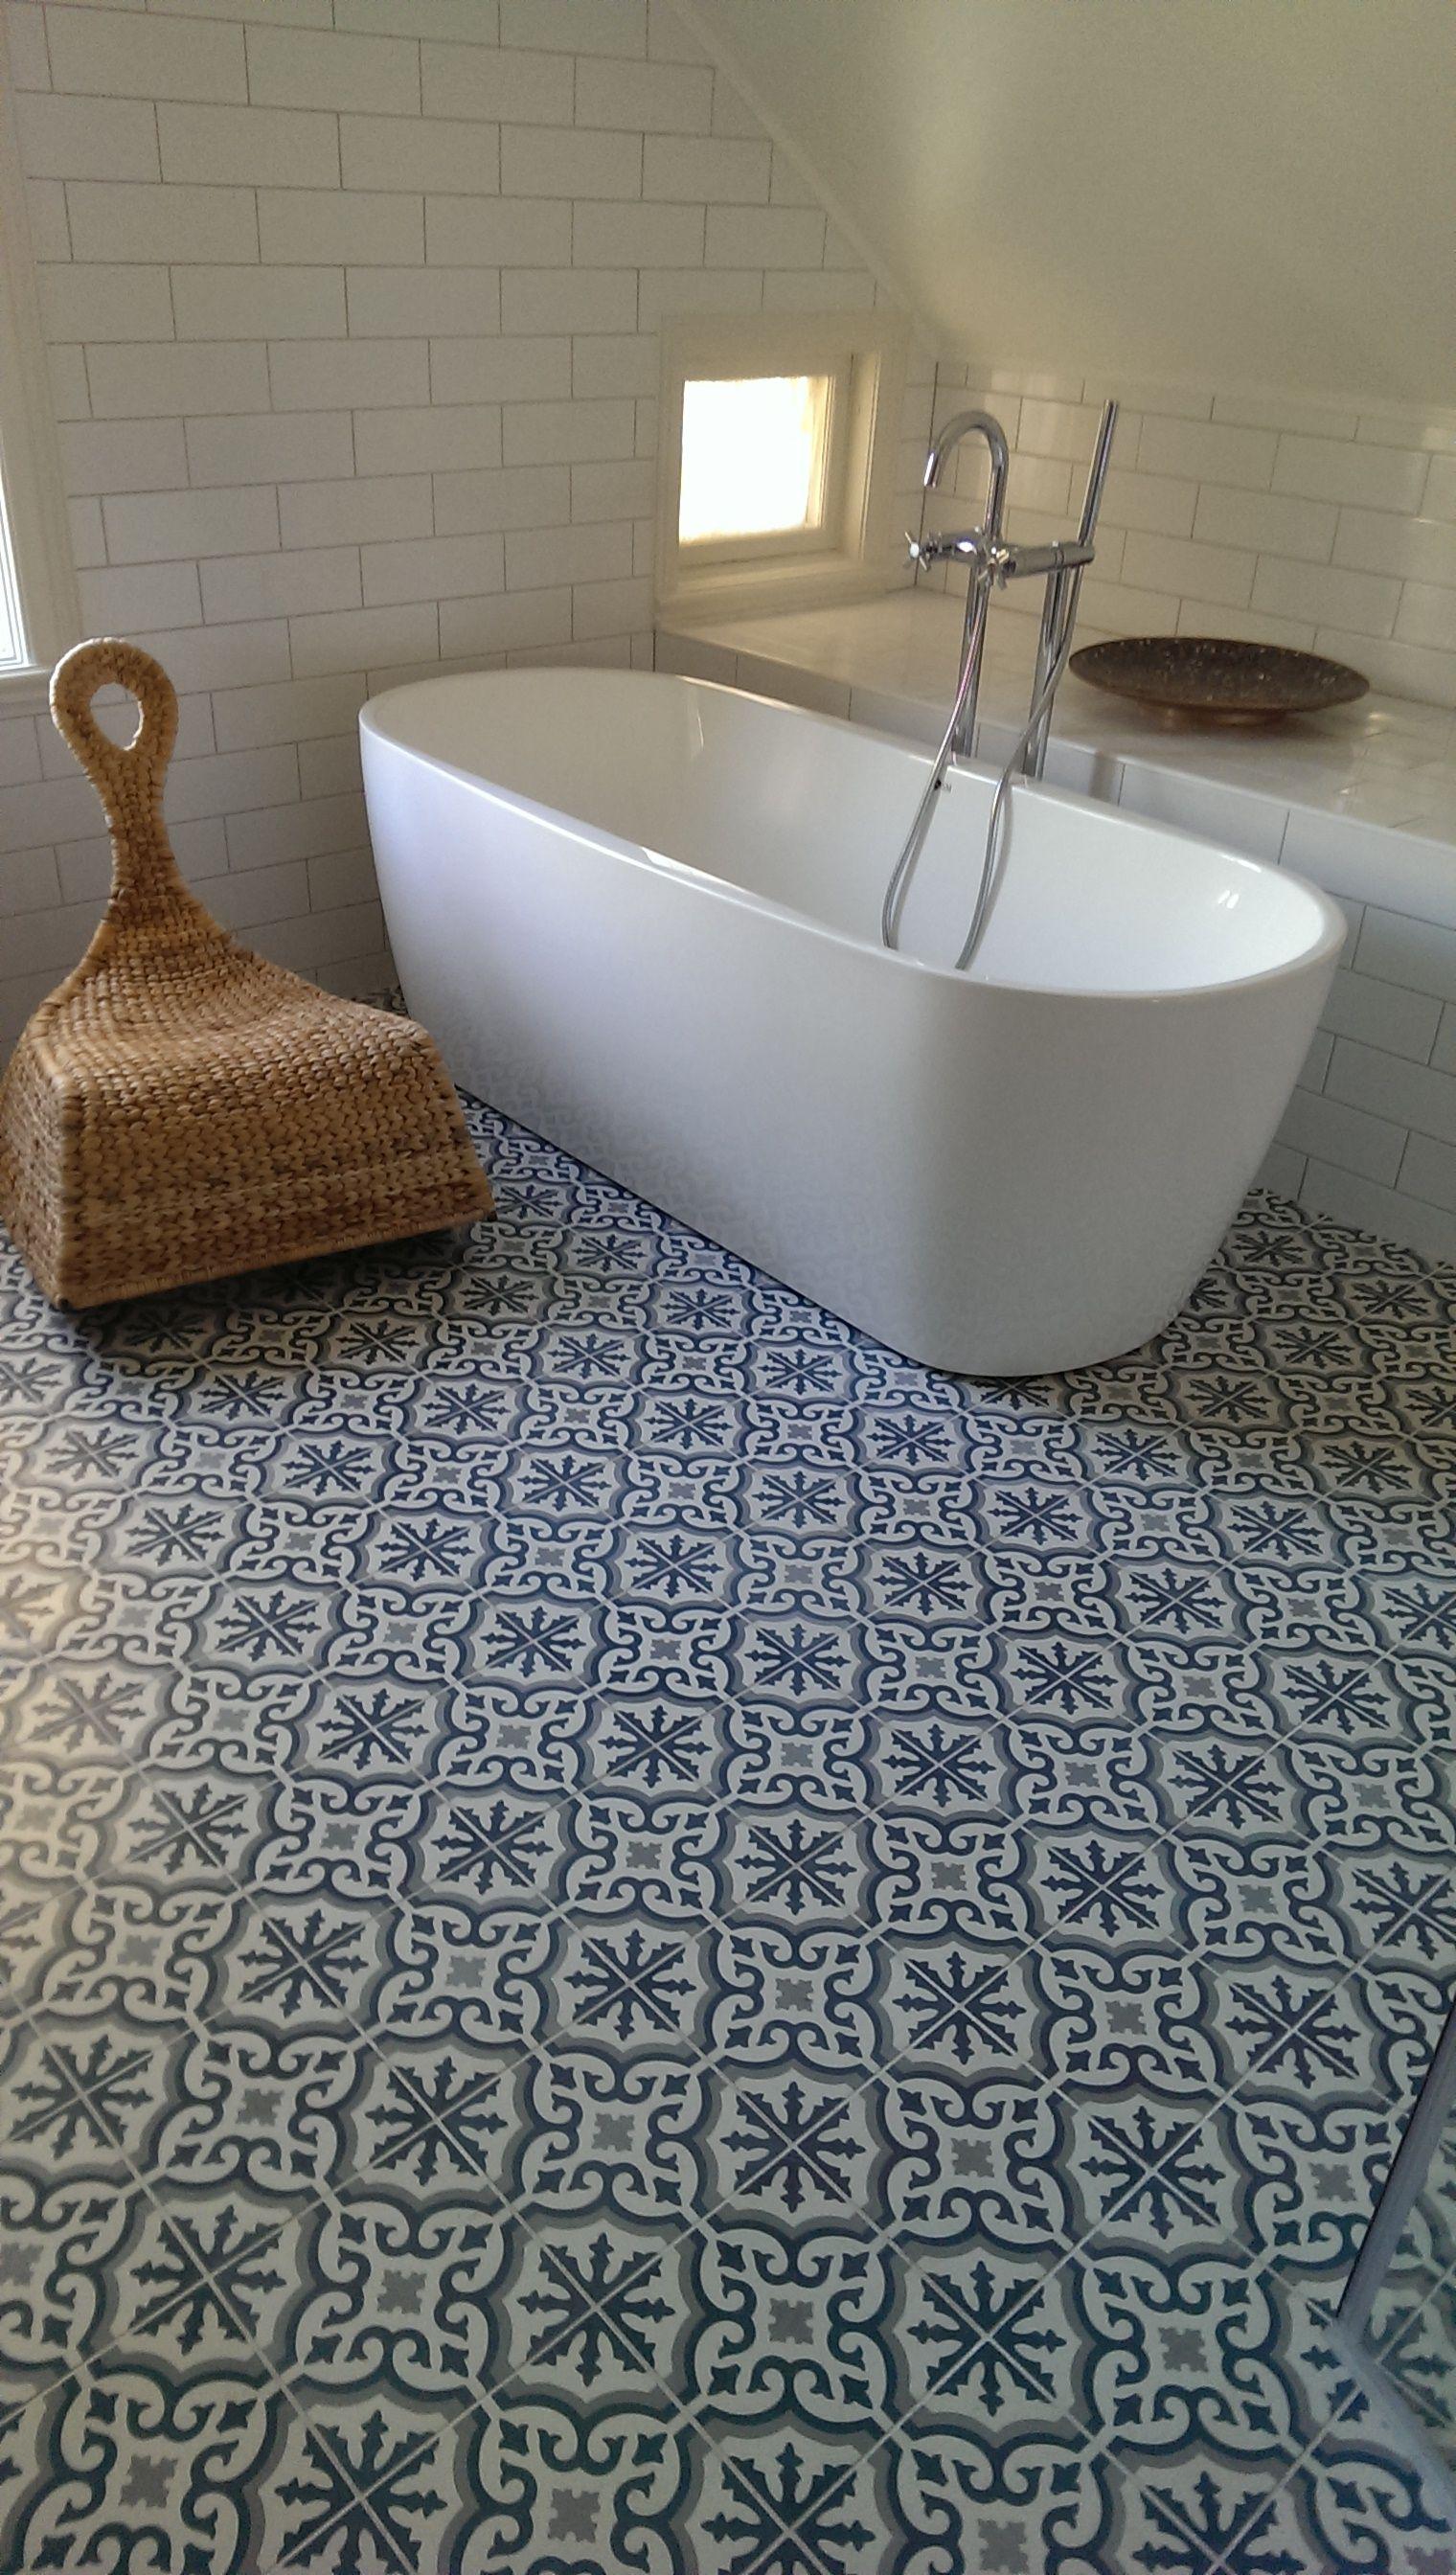 Morrocan Floor Tiles Family Room